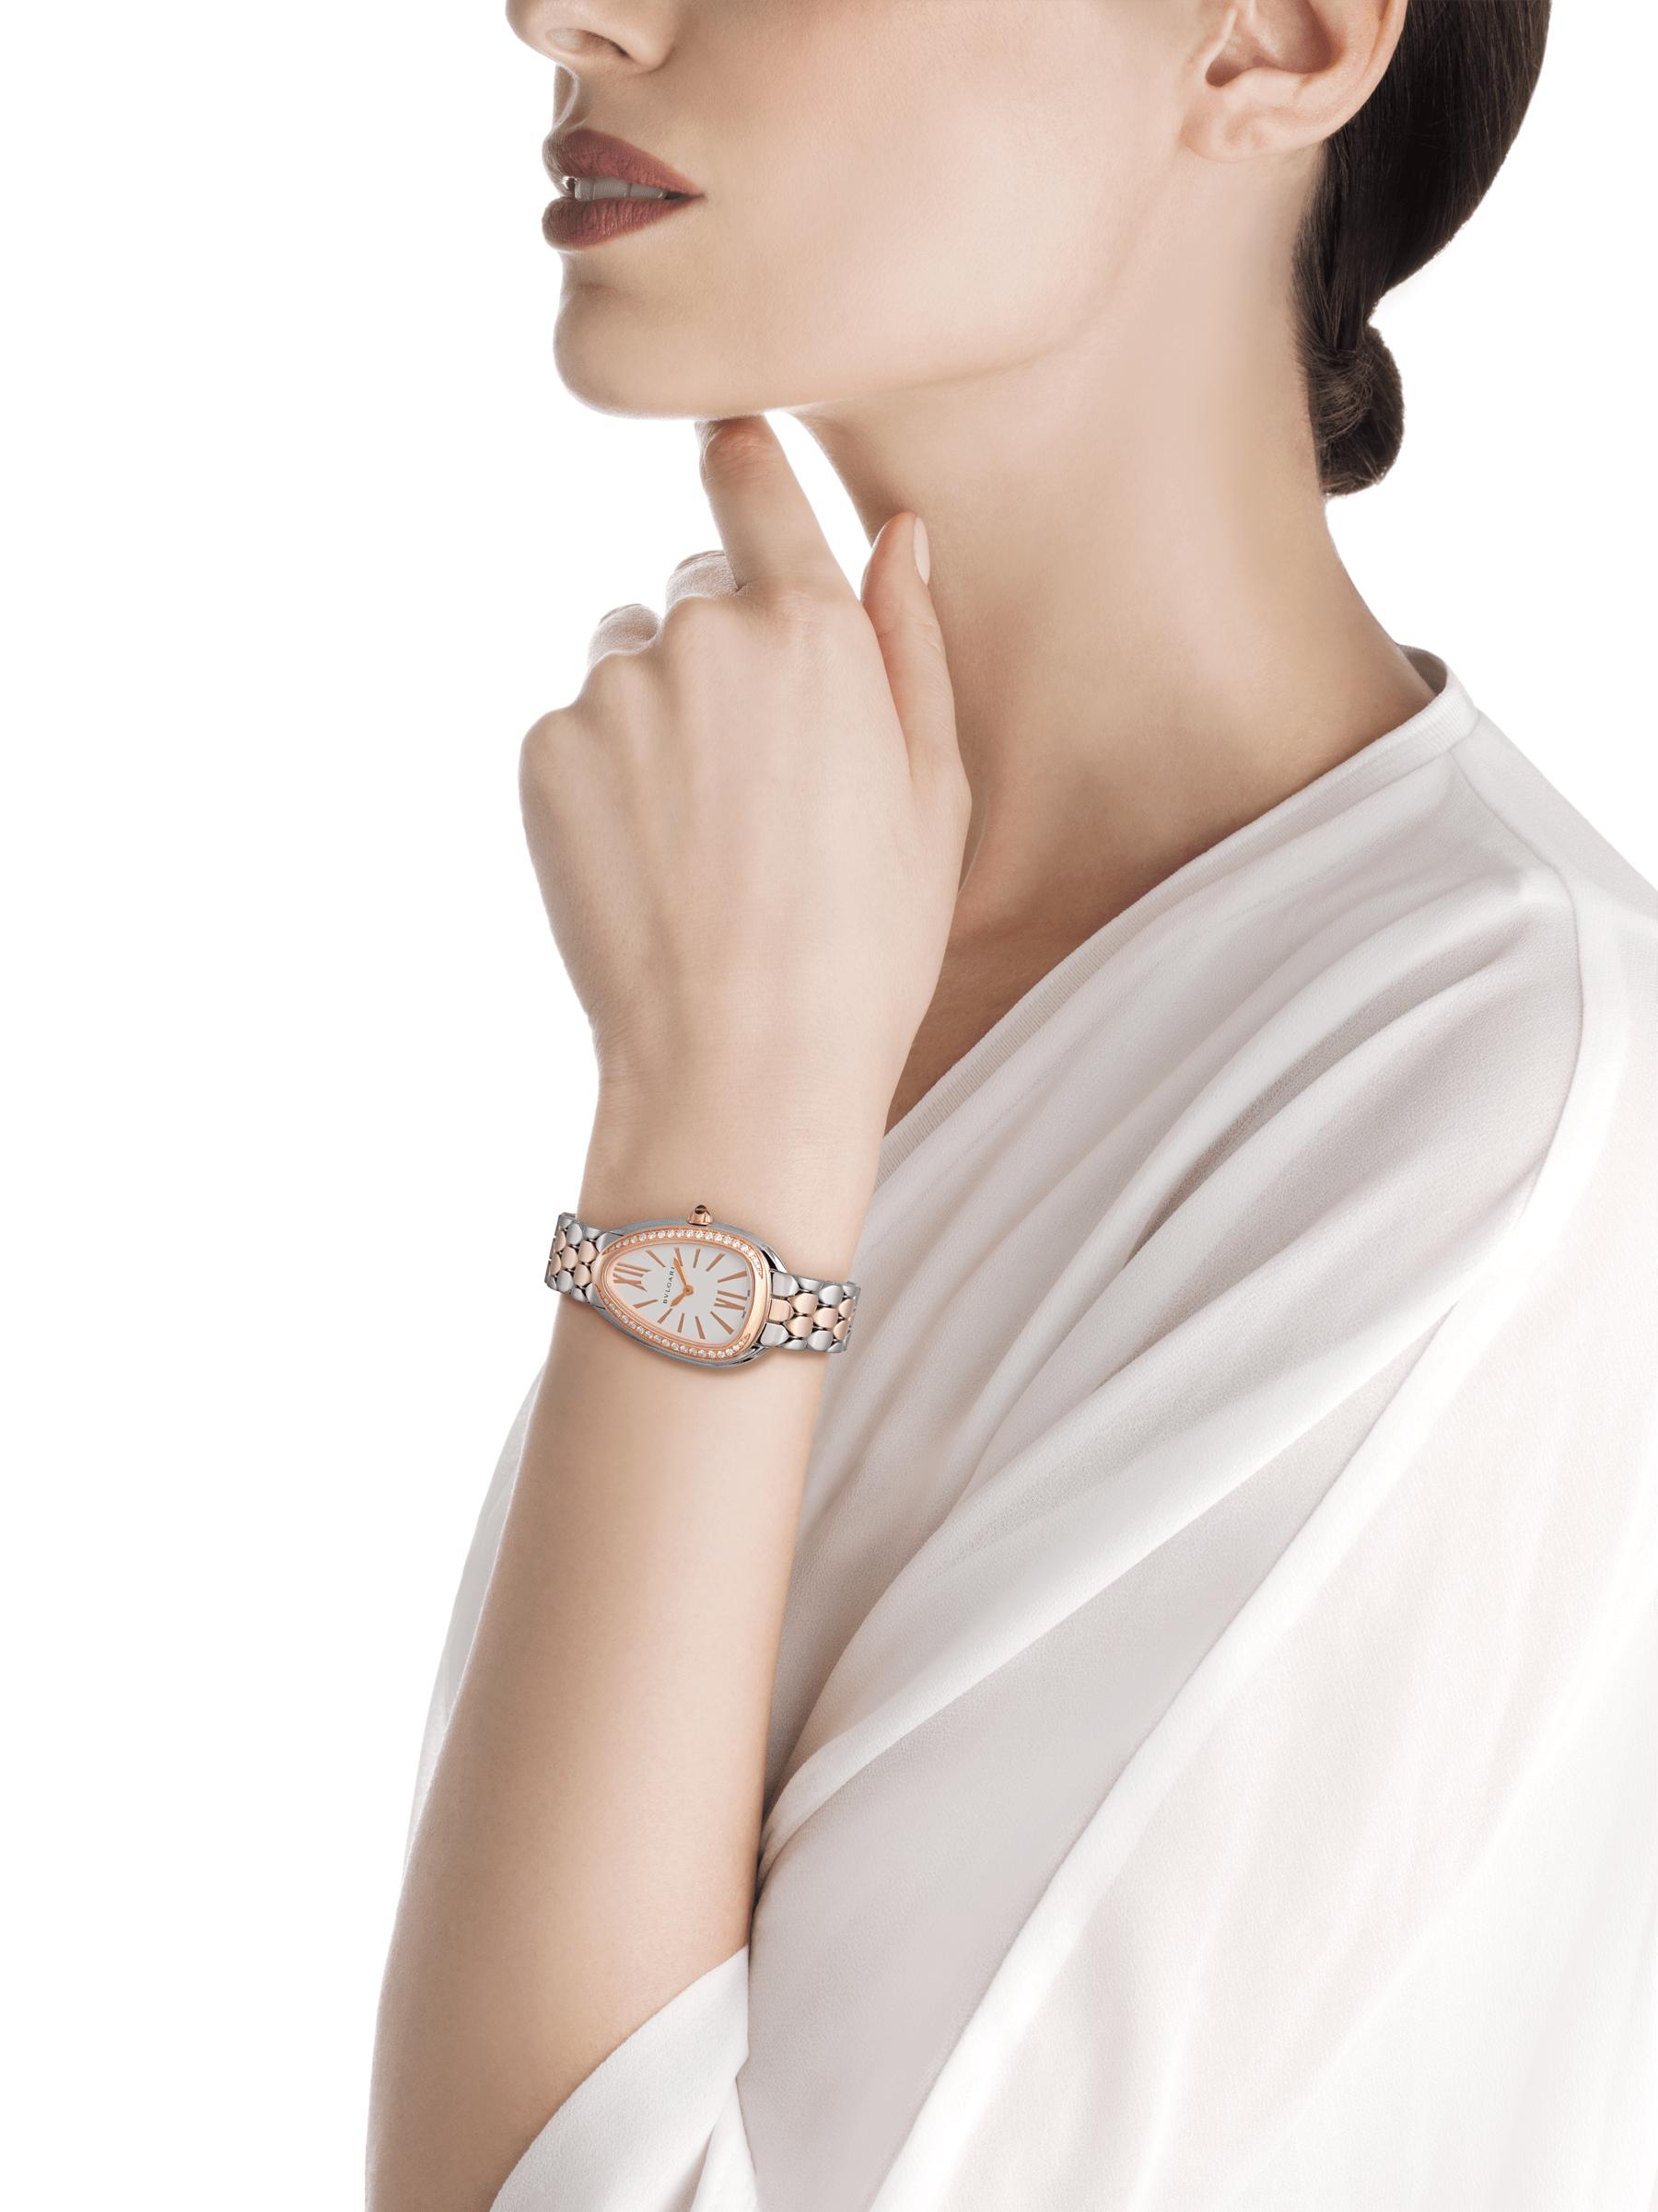 Orologio Serpenti Seduttori con cassa in acciaio inossidabile, lunetta in oro rosa 18 kt con diamanti, quadrante bianco, bracciale in acciaio inossidabile e oro rosa 18 kt. 103274 image 4